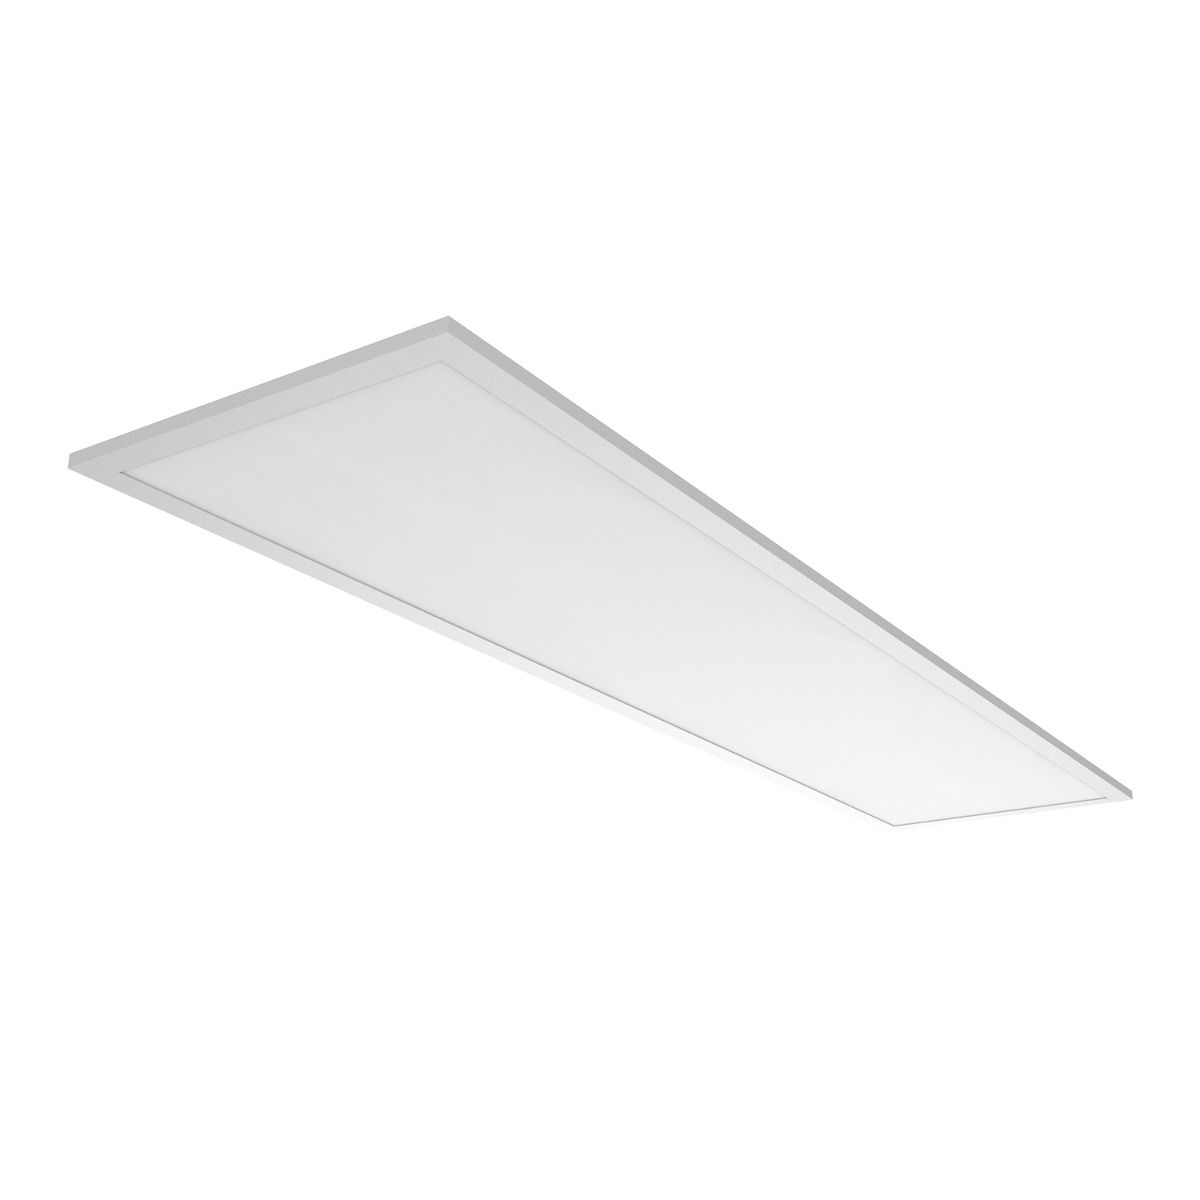 Noxion Panneau LED Delta Pro V3 30W 3000K 3960lm 30x120cm UGR <22 | Blanc Chaud - Substitut 2x36W